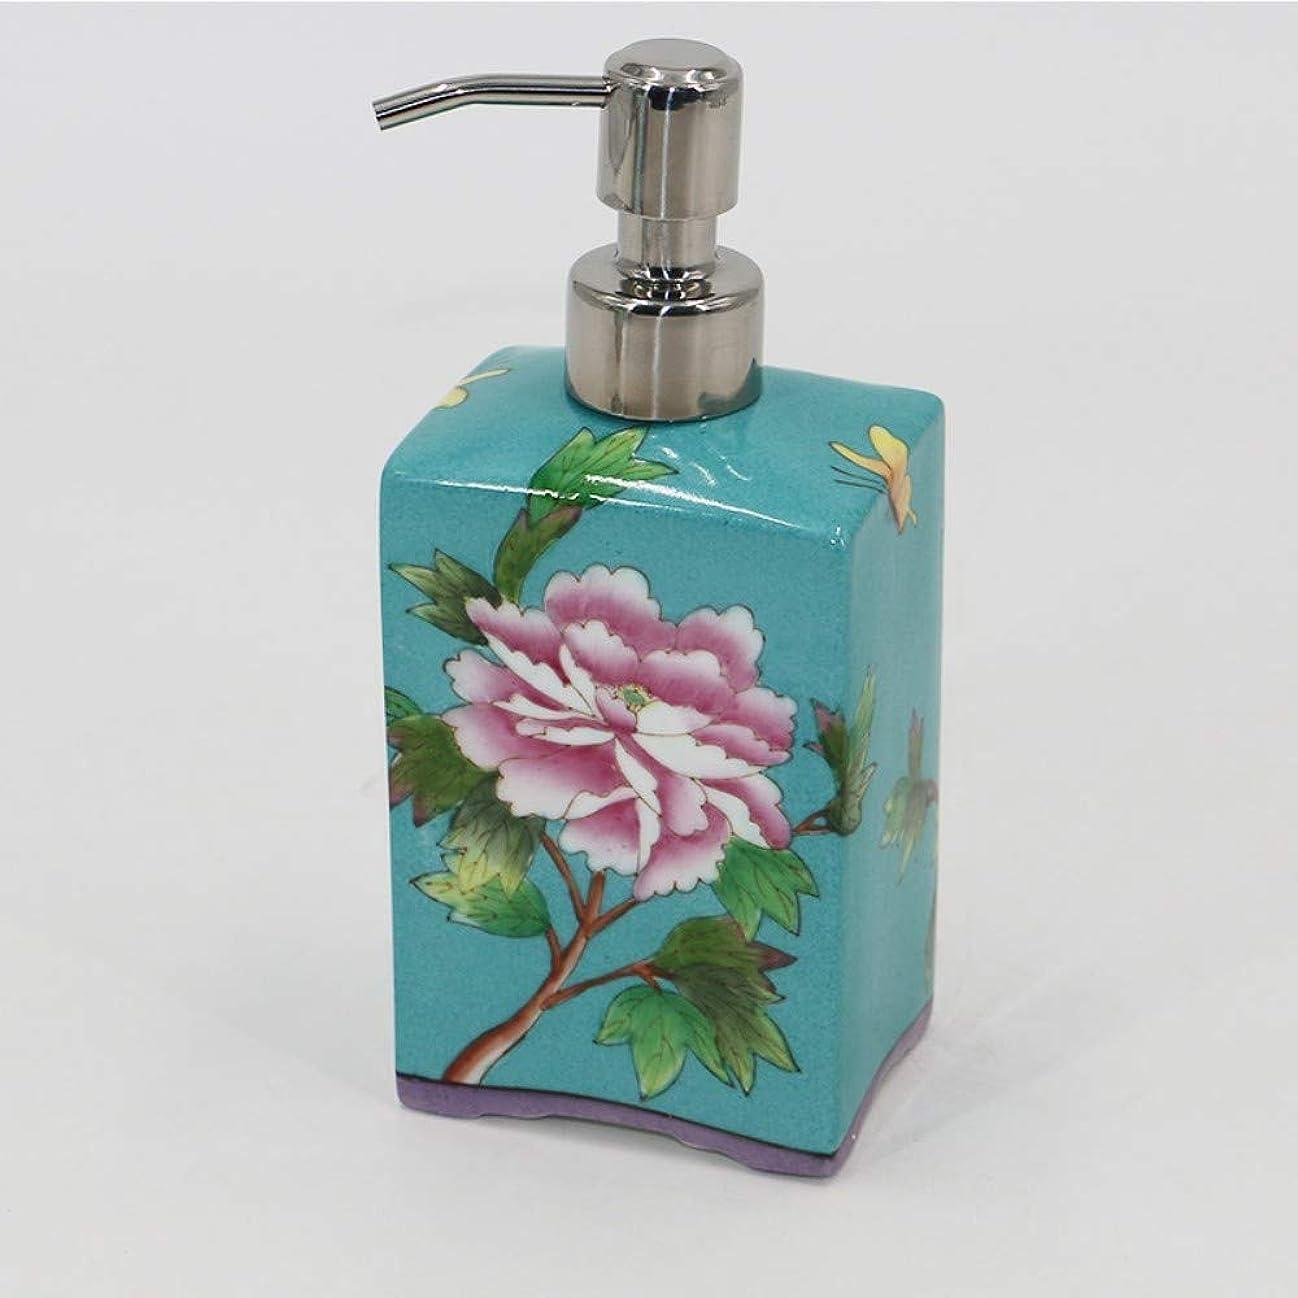 クロール全能祝う石鹸ディスペンサー/ハンドサニタイザーボトル中国の手塗りセラミック緑の葉とピンクの花ホテルの洗面台キッチン用液体ボトル充填ボトル